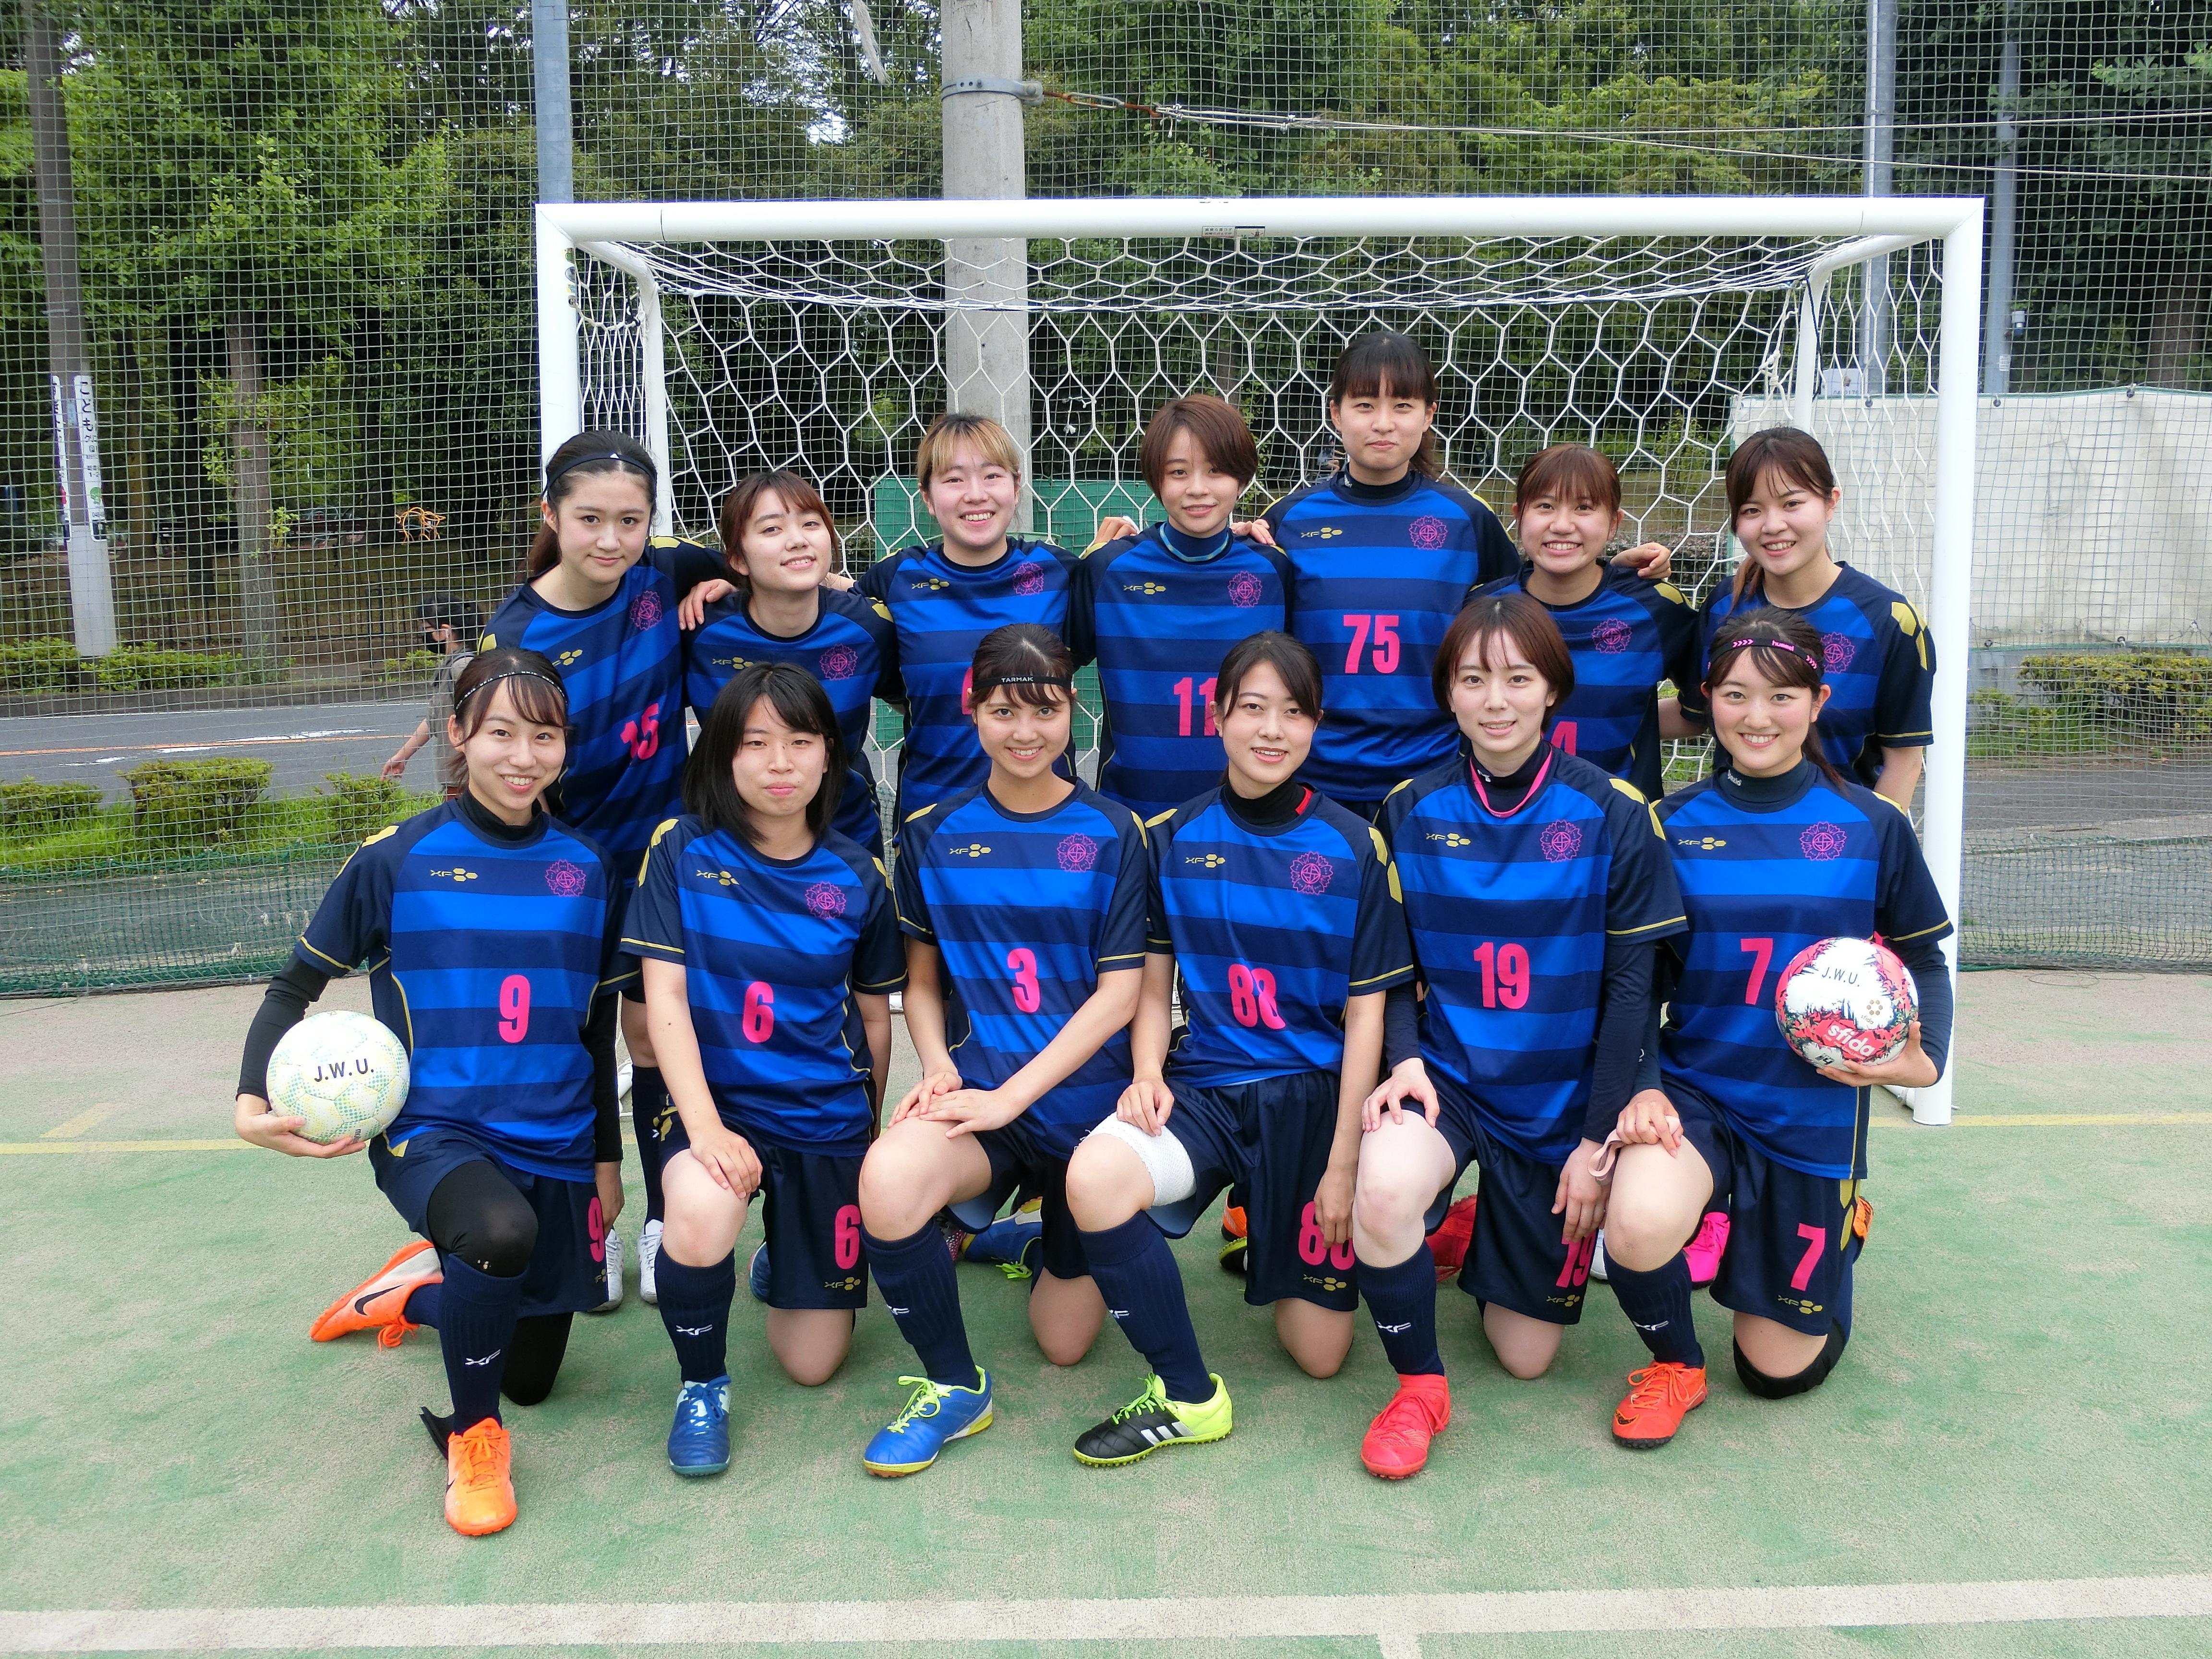 日本女子大学 J.W.U.